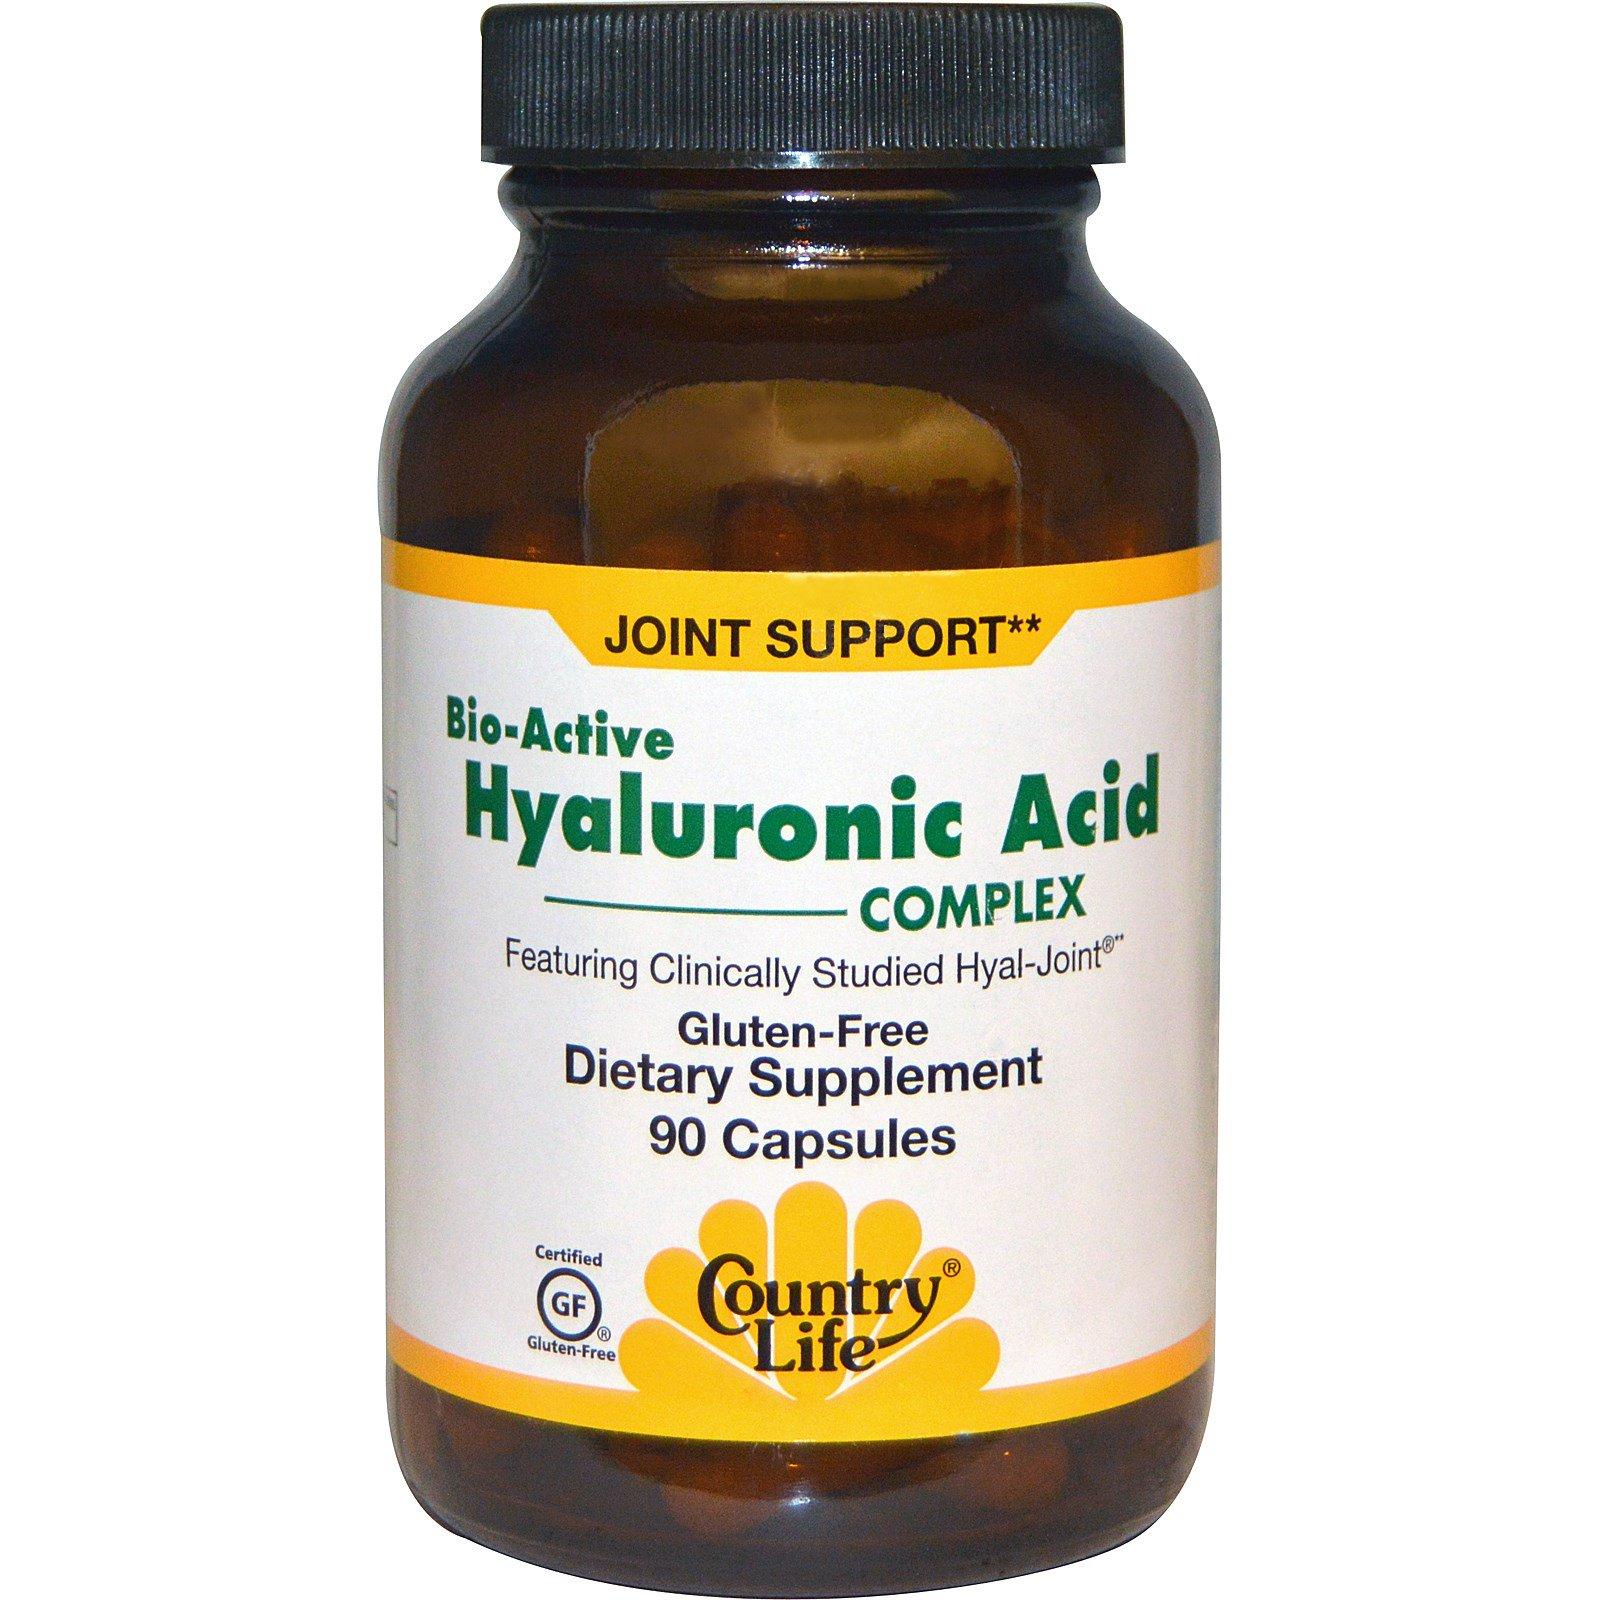 Aluronic acid